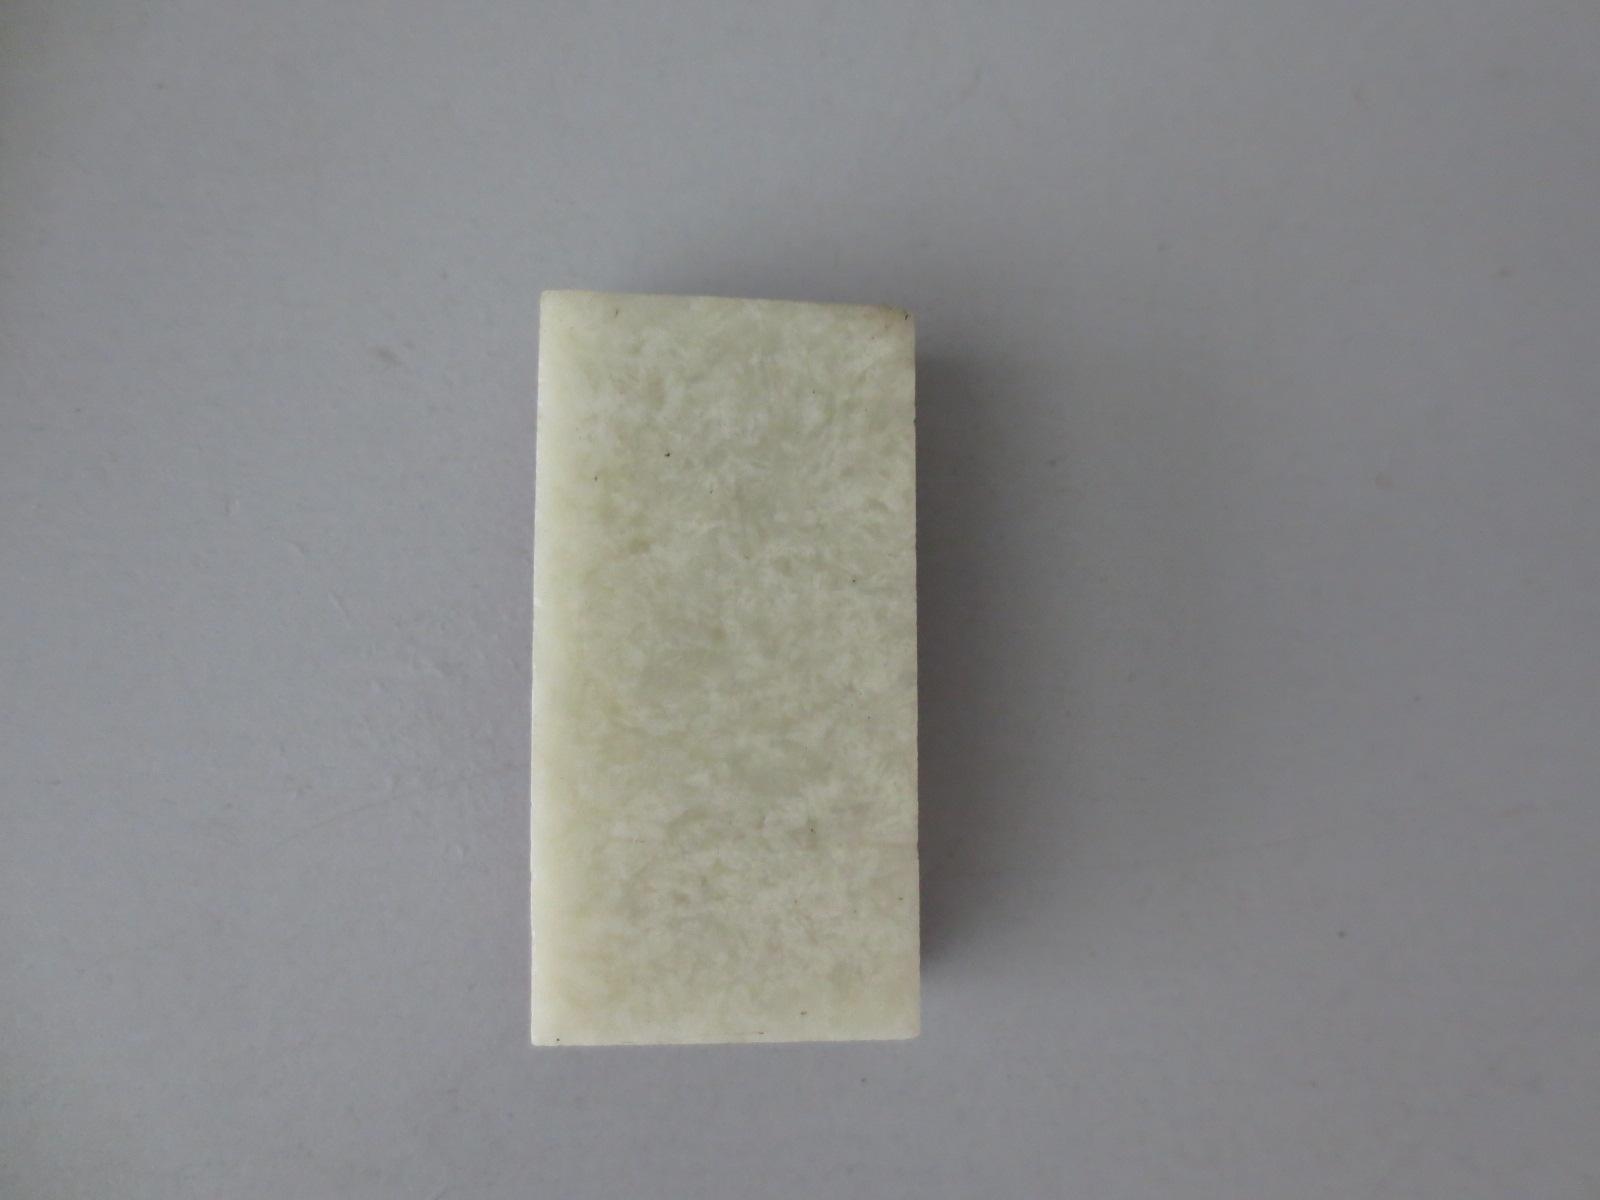 Точильный камень Шлифовка Заточка нефти камень Рубиновый камень 3000 # - 10000 # чем большой жернов износостойкости уступает импорт